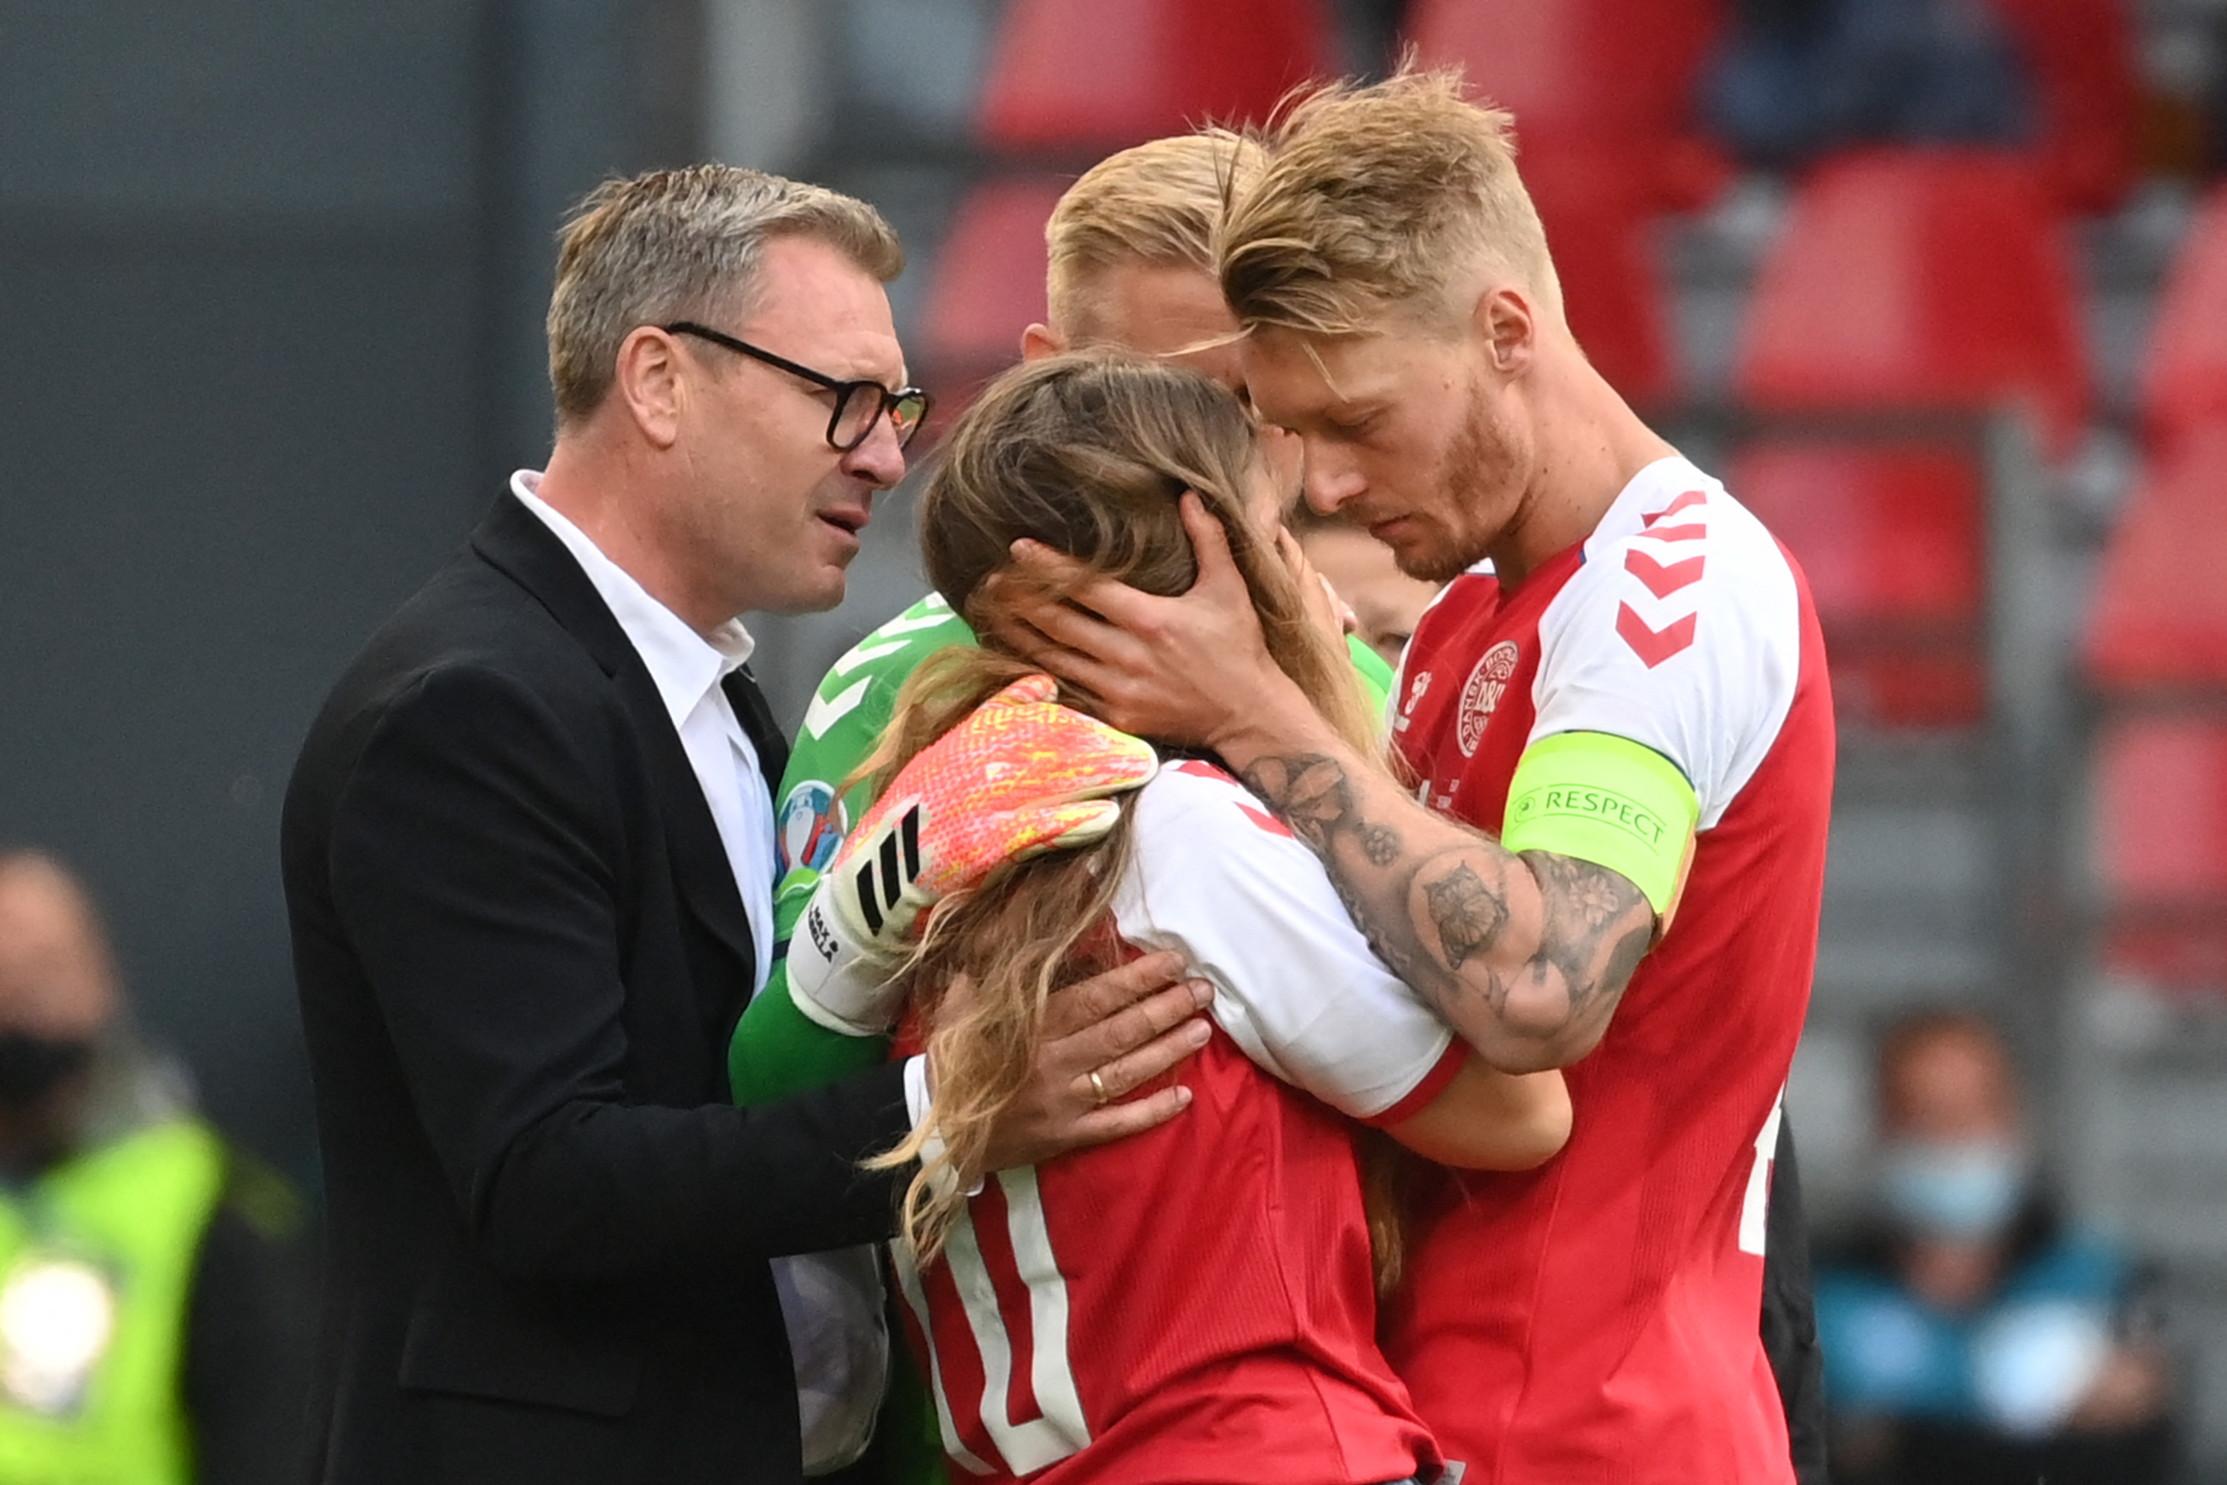 Subito dopo il malore di Eriksen, al&nbsp;Parken Stadium&nbsp;&egrave; scesa subito in campo in lacrime la moglie del giocatore, Sabrina Kvist Jensen. Incontro le &egrave; subito andato&nbsp;Schmeichel che l&#39;ha abbracciata e rincuorata insieme a Kjaer.&nbsp;<br /><br />